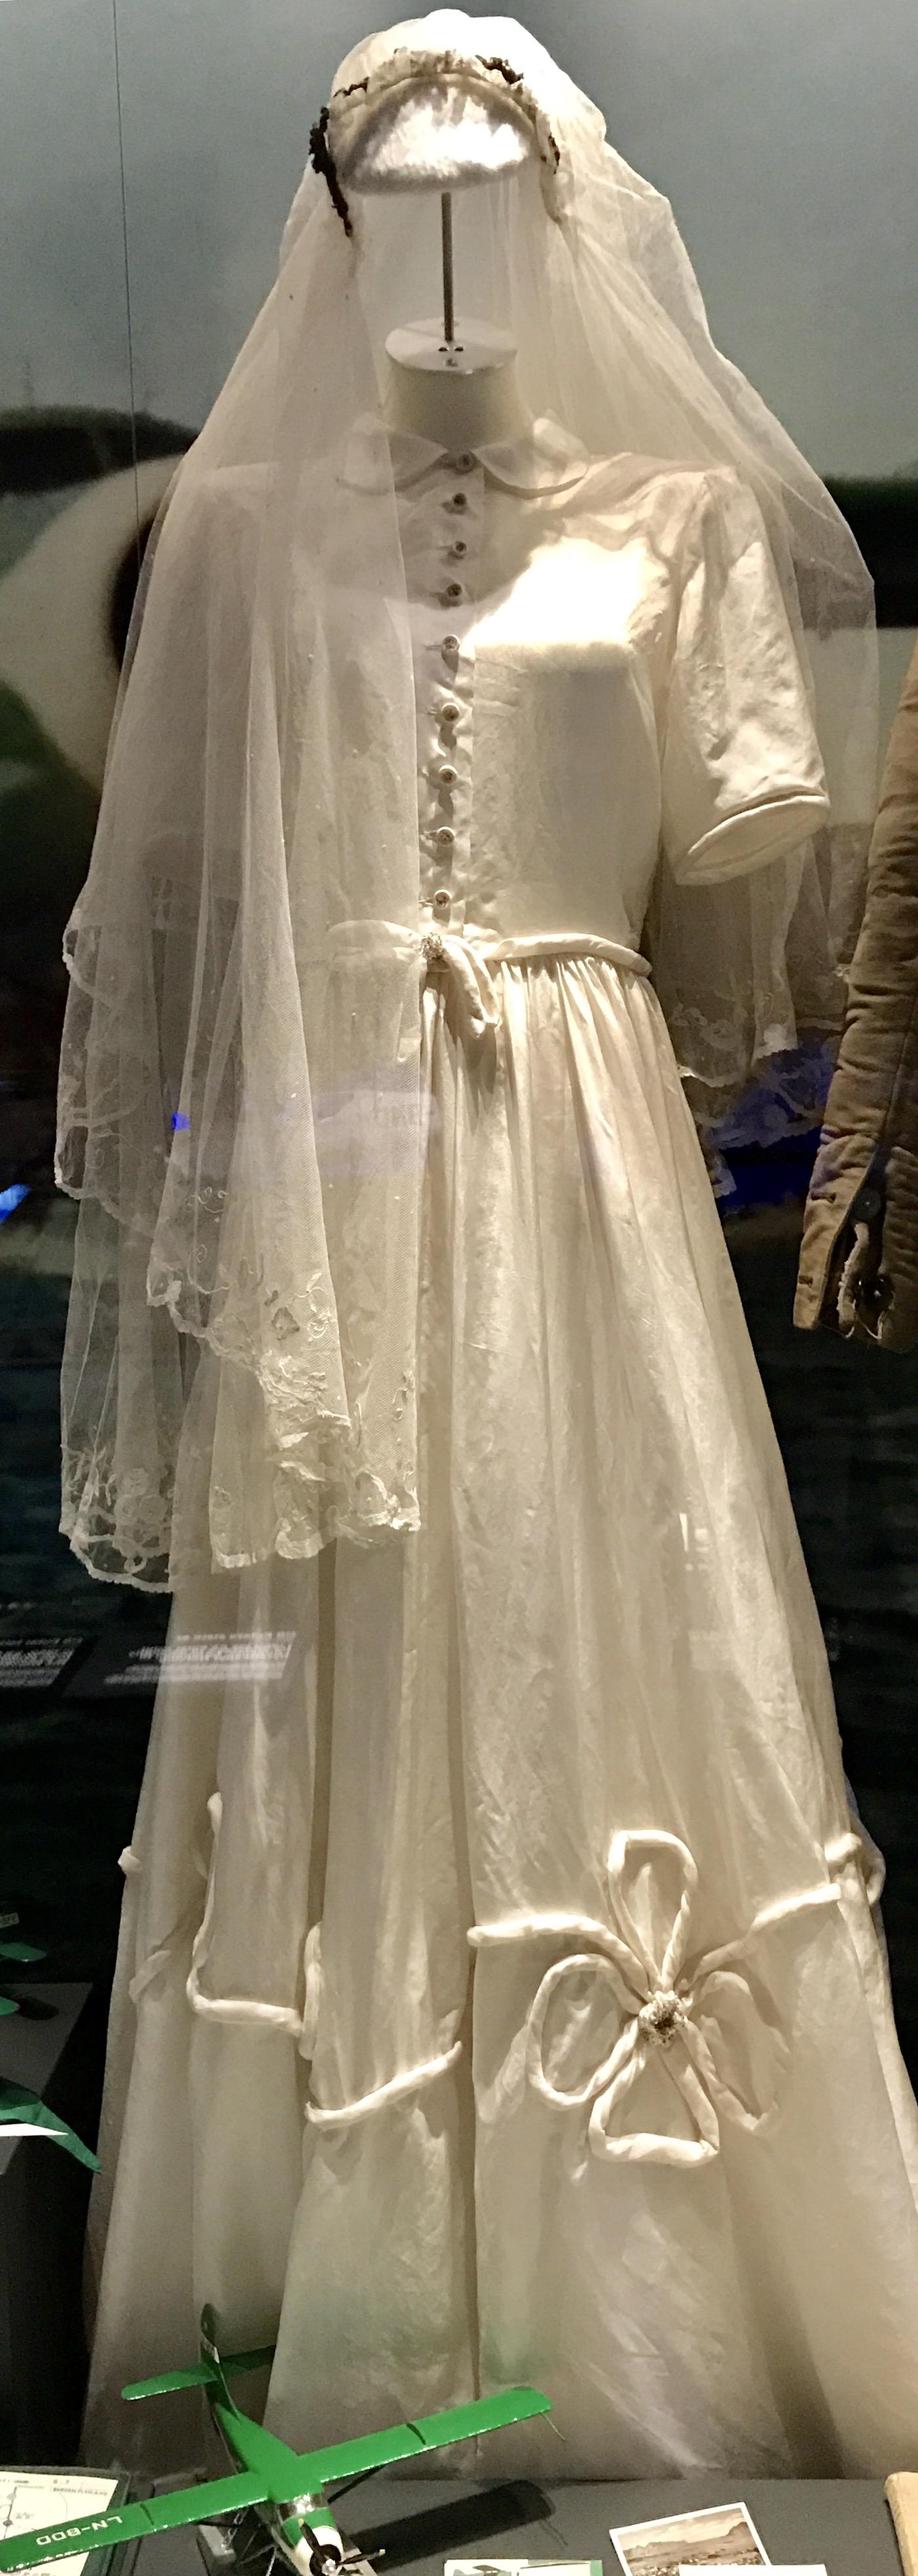 Hochzeitskleid aus Fallschirmseide.